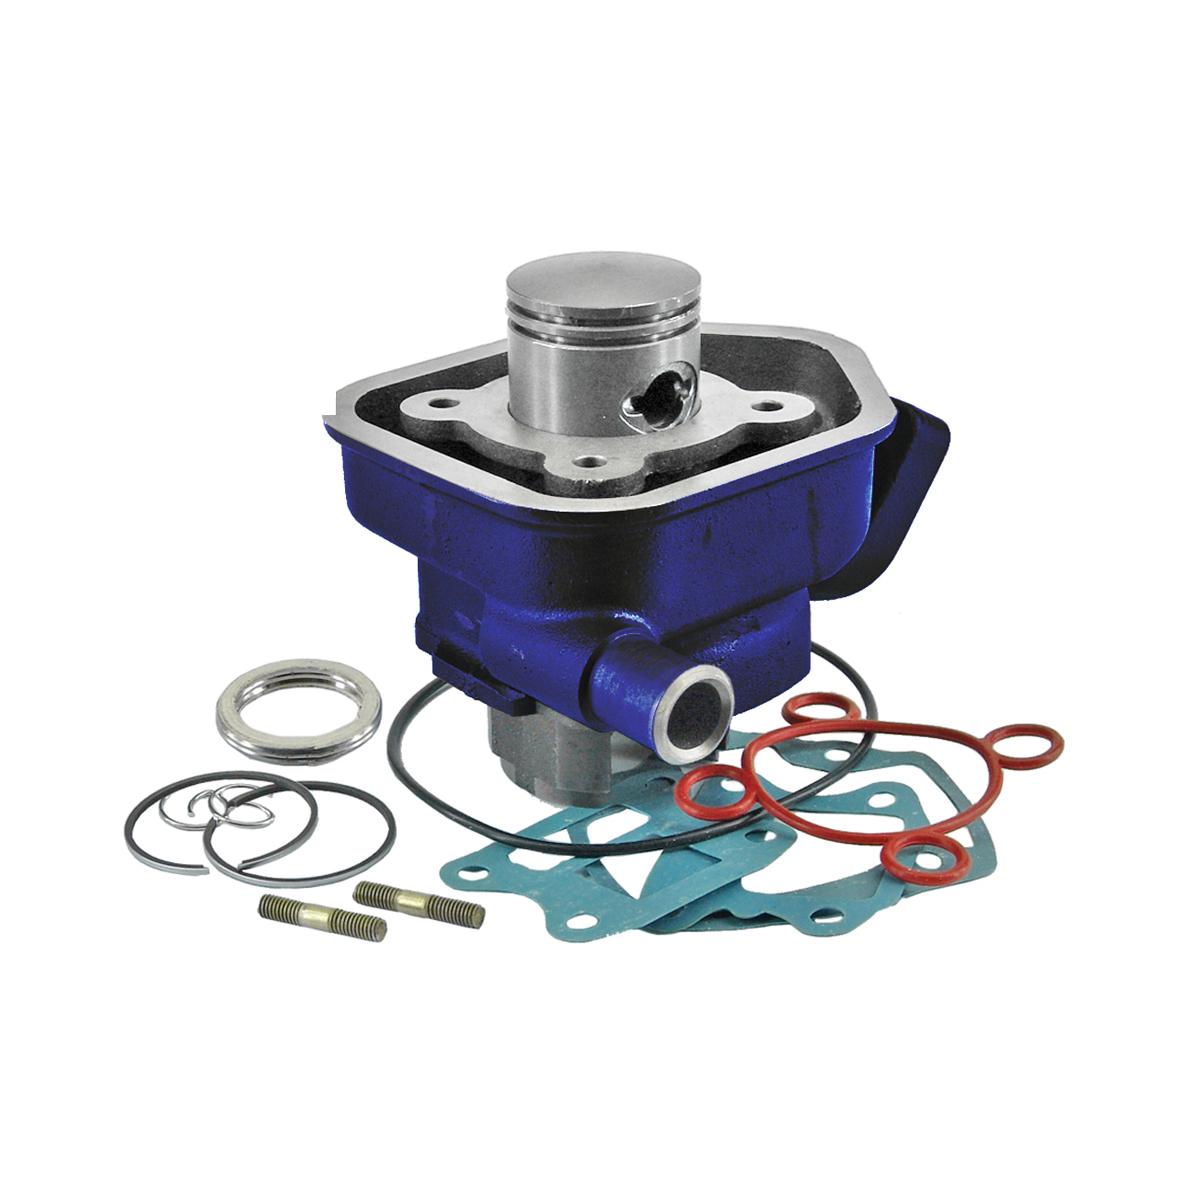 Cylindre Carenzi D.40 Fonte Speedfight Lc Bleu 50cc